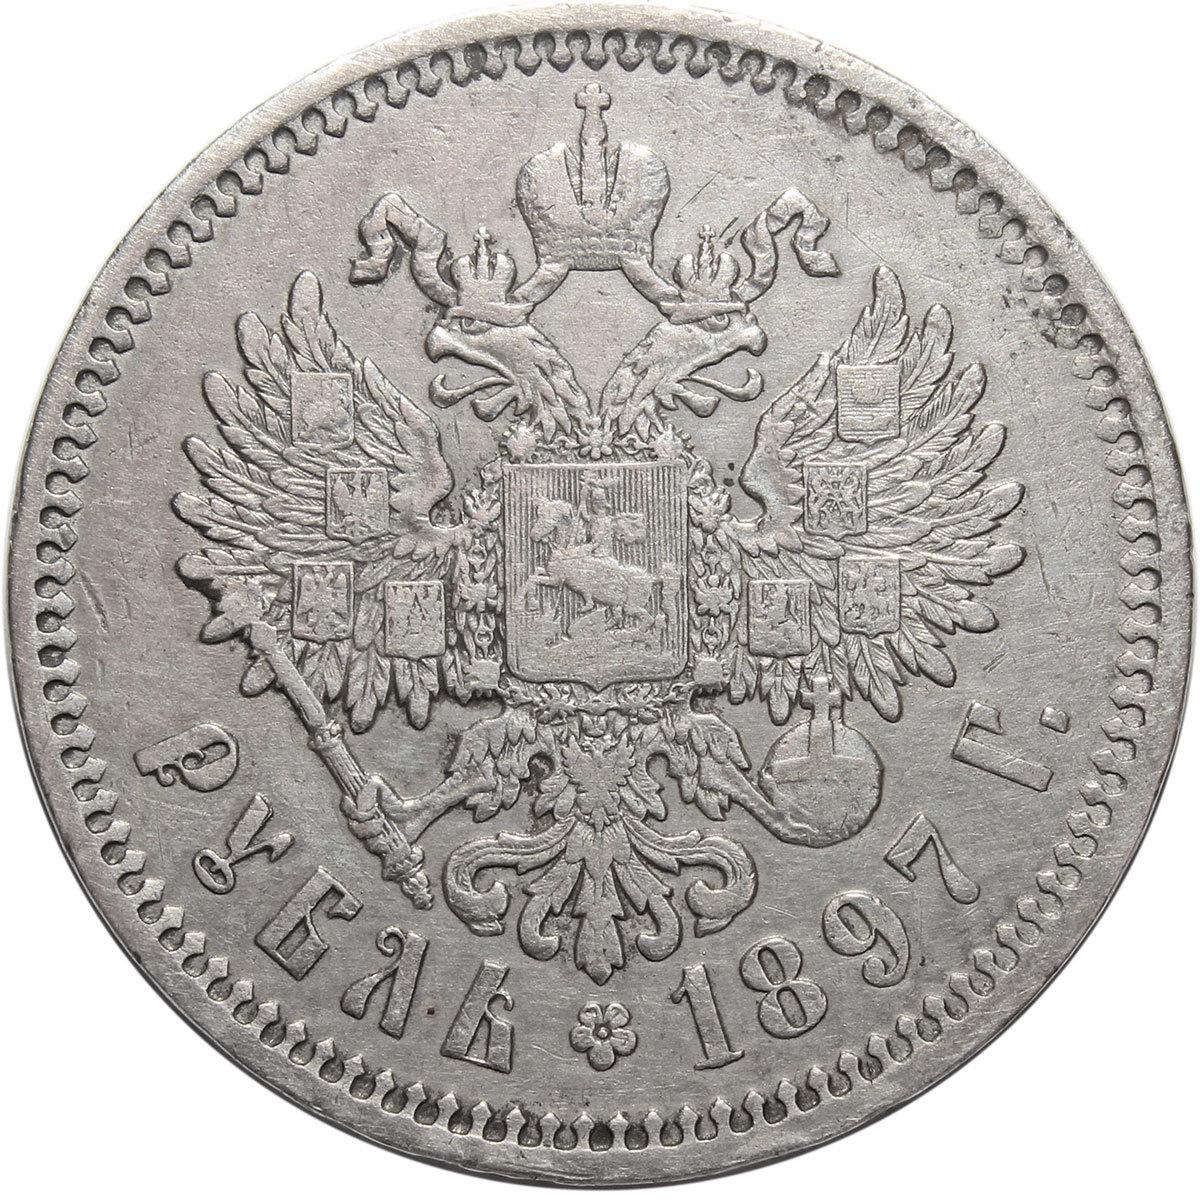 1 рубль. Николай II. 1897 г. (АГ) Серебро. XF+